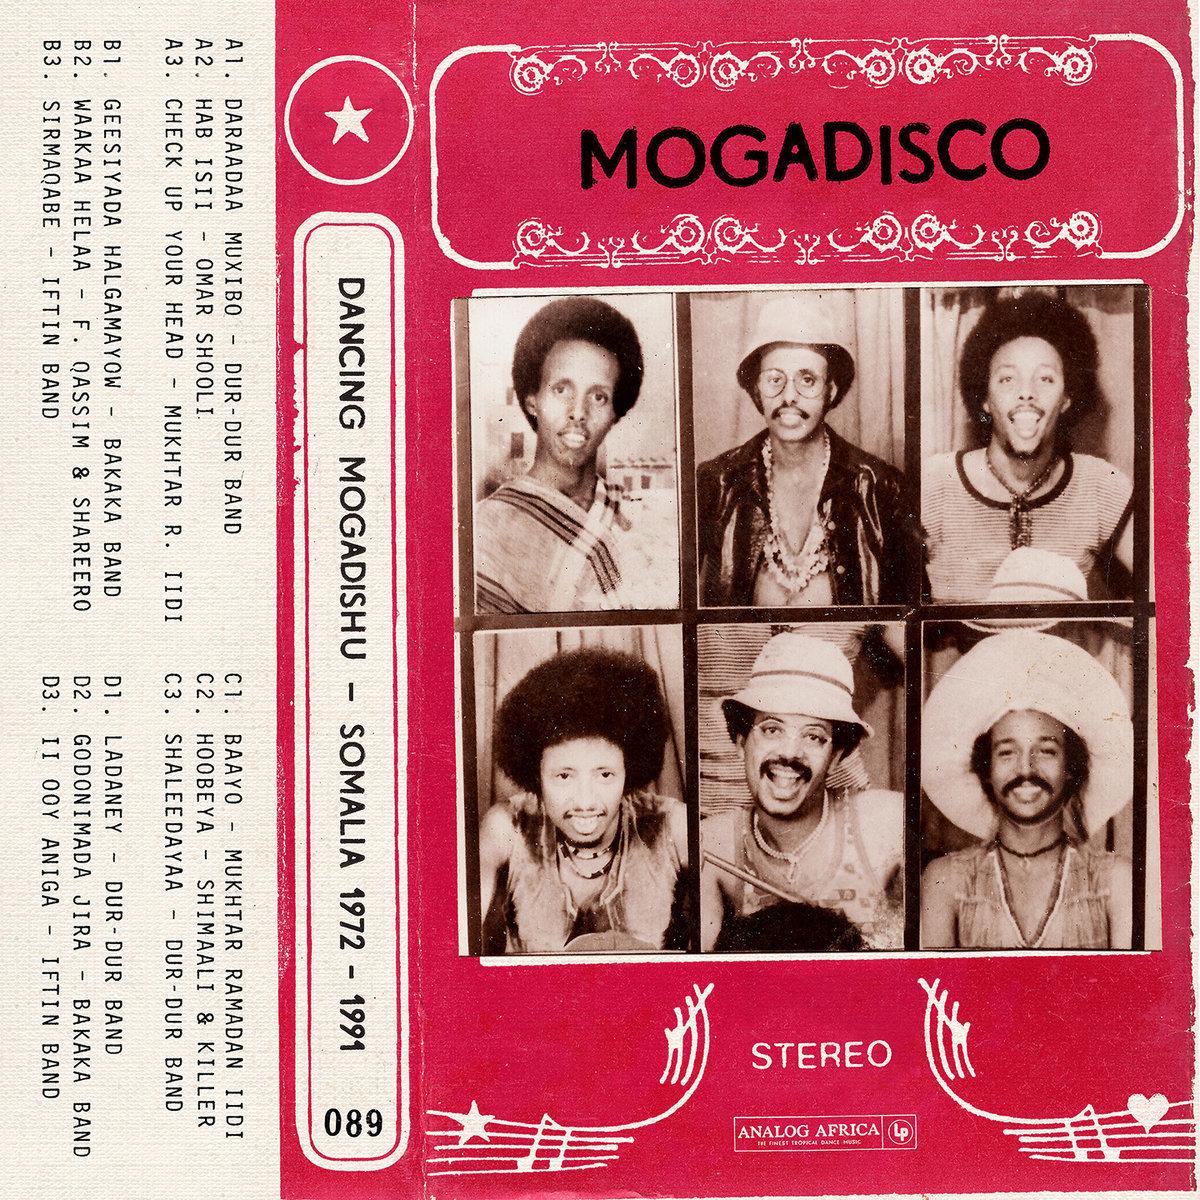 Mogadisco - Dancing Mogadishu (Somalia 1972 - 1991) by Various Artists image